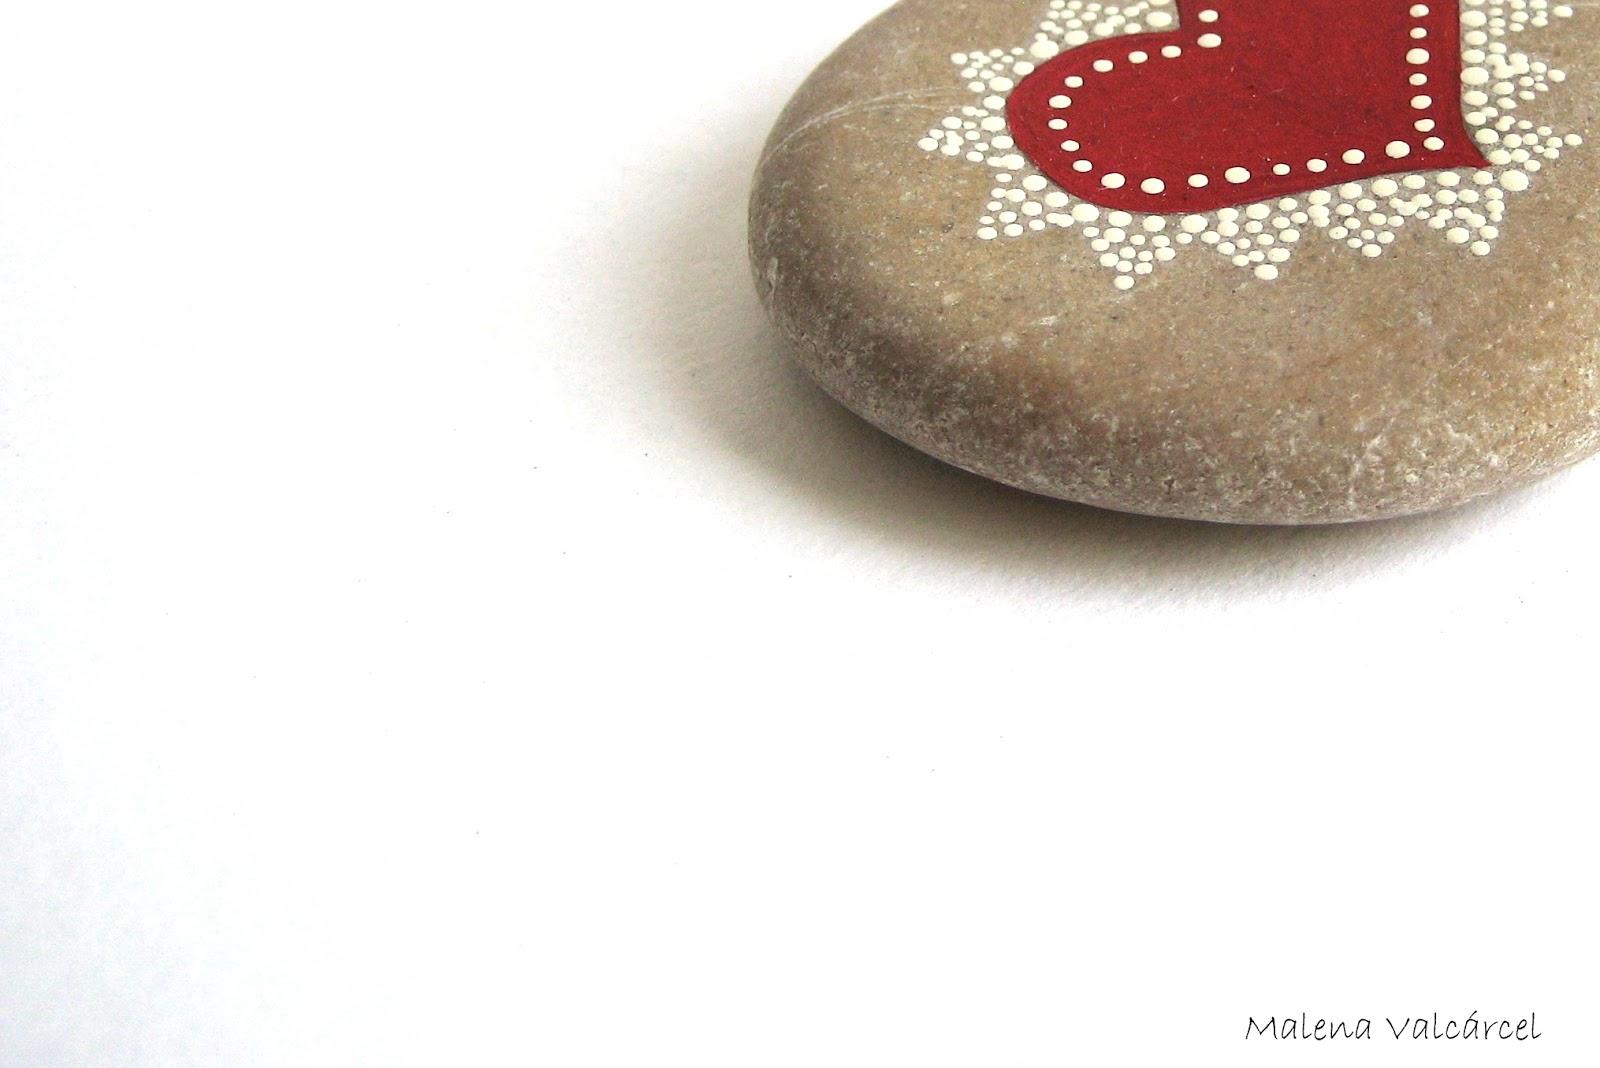 Malena valc 225 rcel original art piedras pintadas painted stones